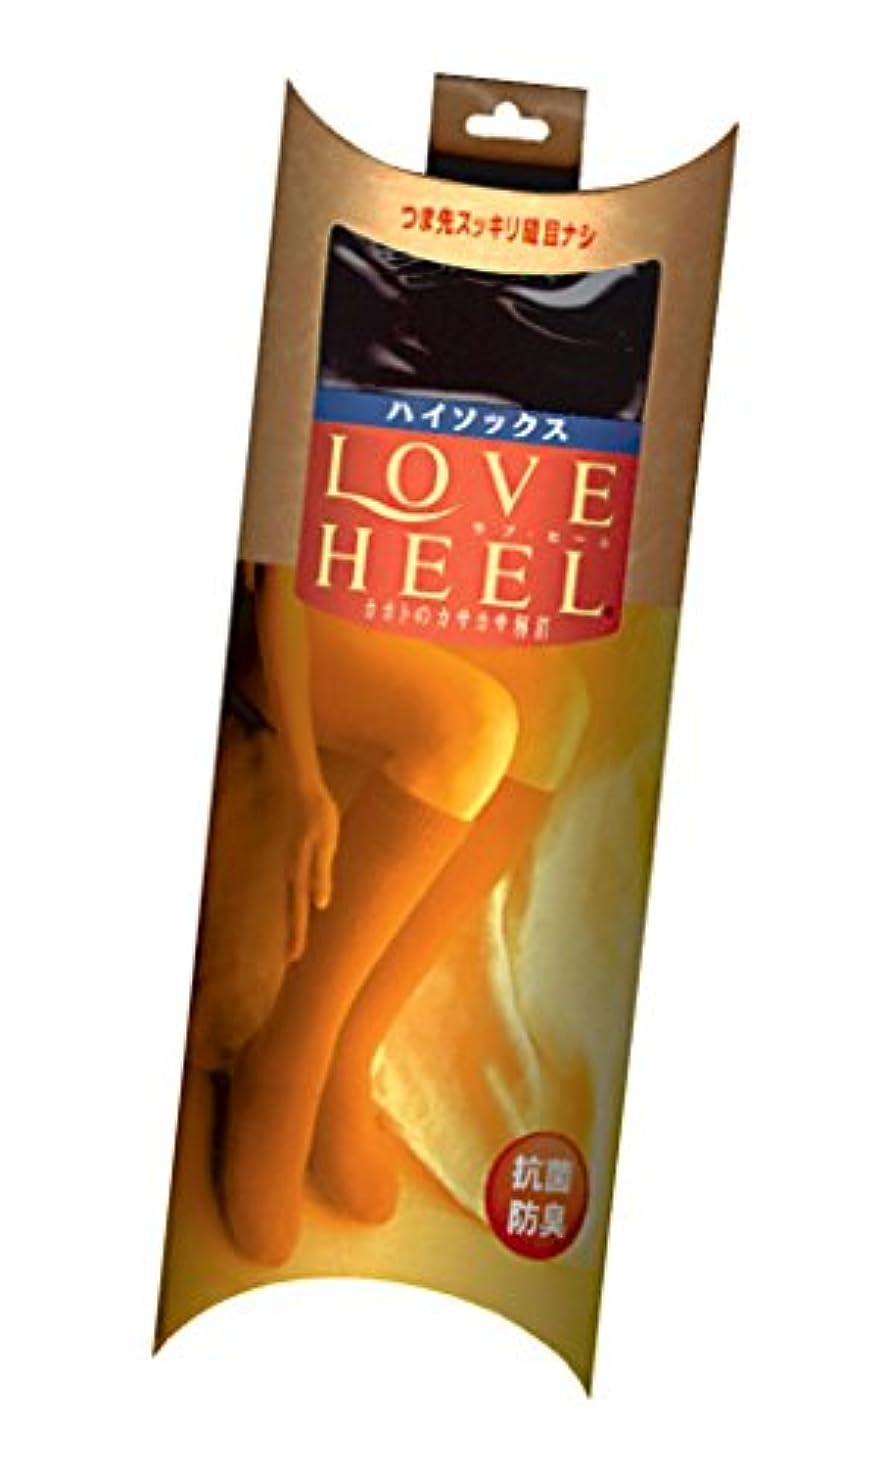 教室許容できるフクロウ女性用 カサカサかかと解消靴下 ラブヒール ハイソックス クロ 【遠赤外線パワー&温熱?保湿効果】